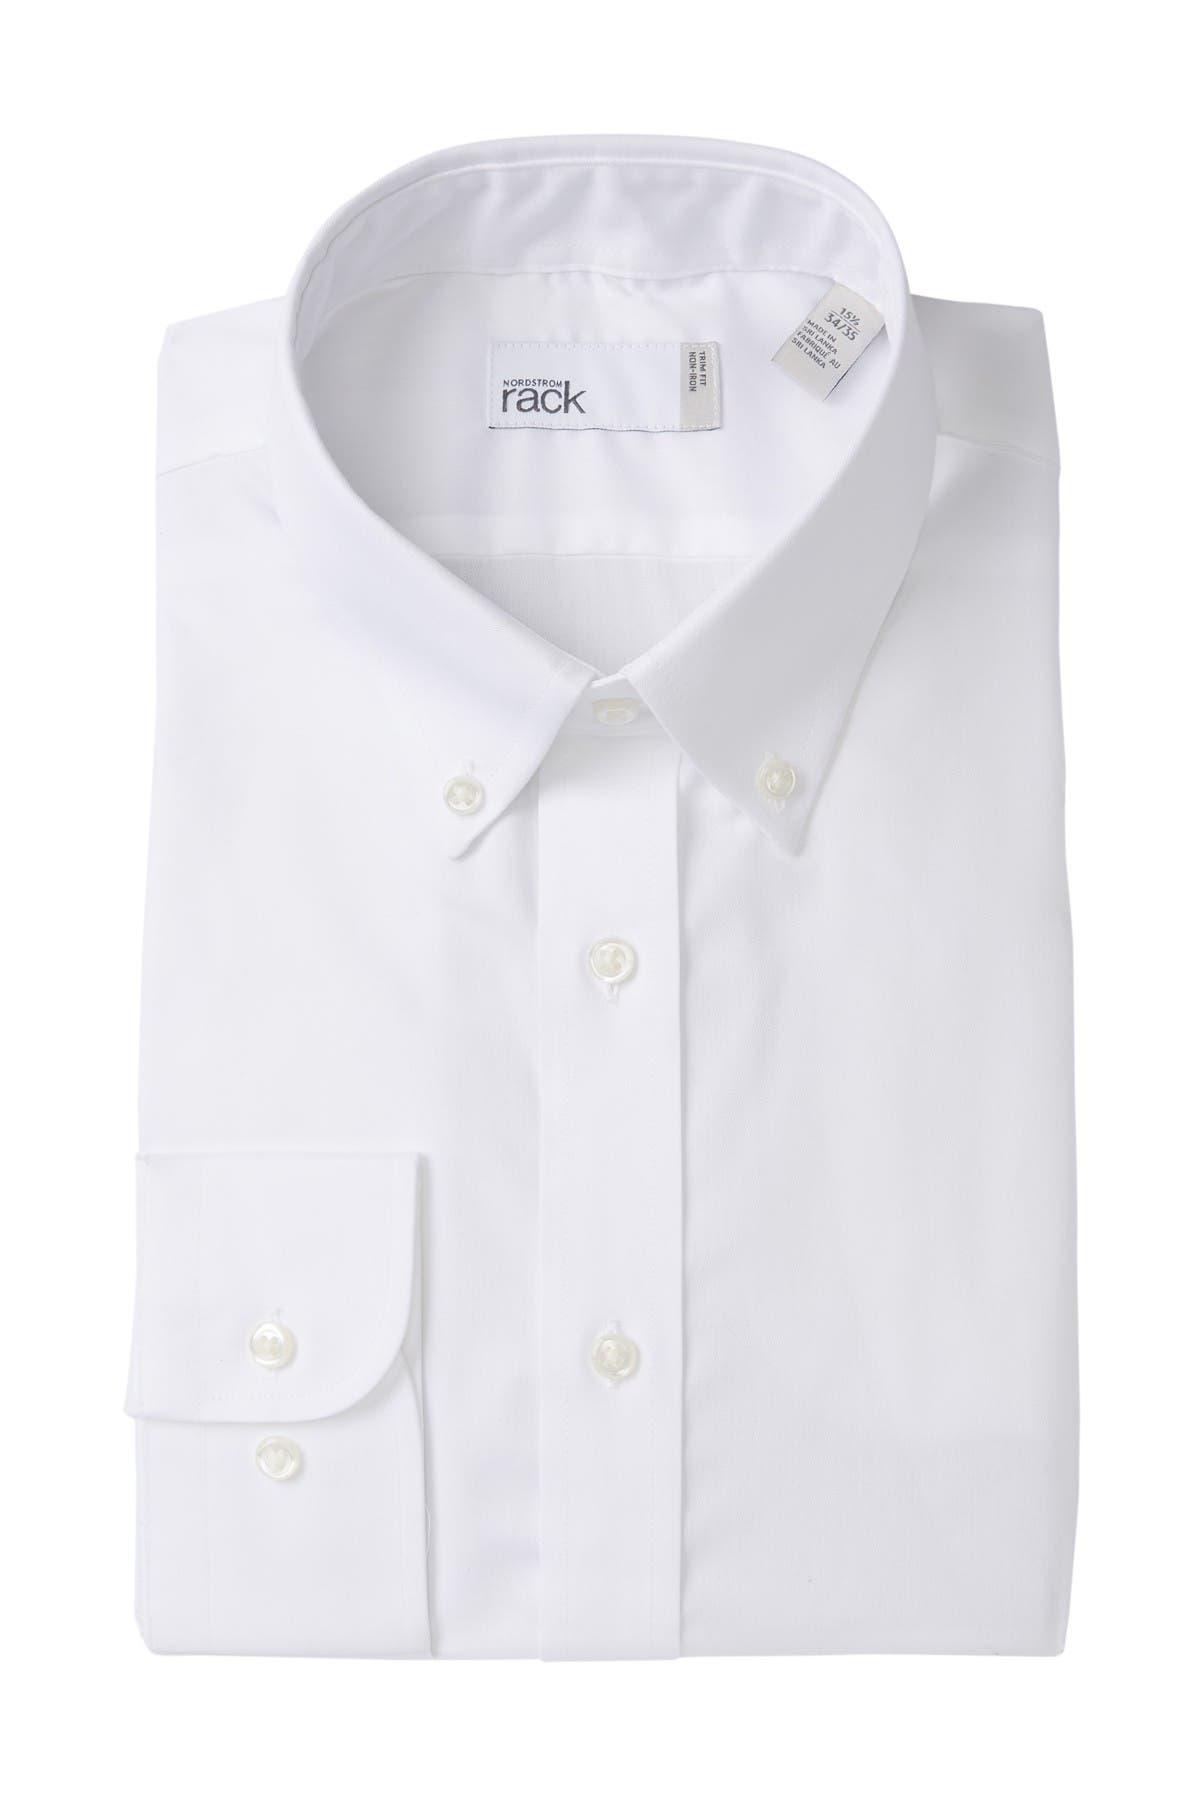 Image of Nordstrom Rack Solid Trim Fit Dress Shirt